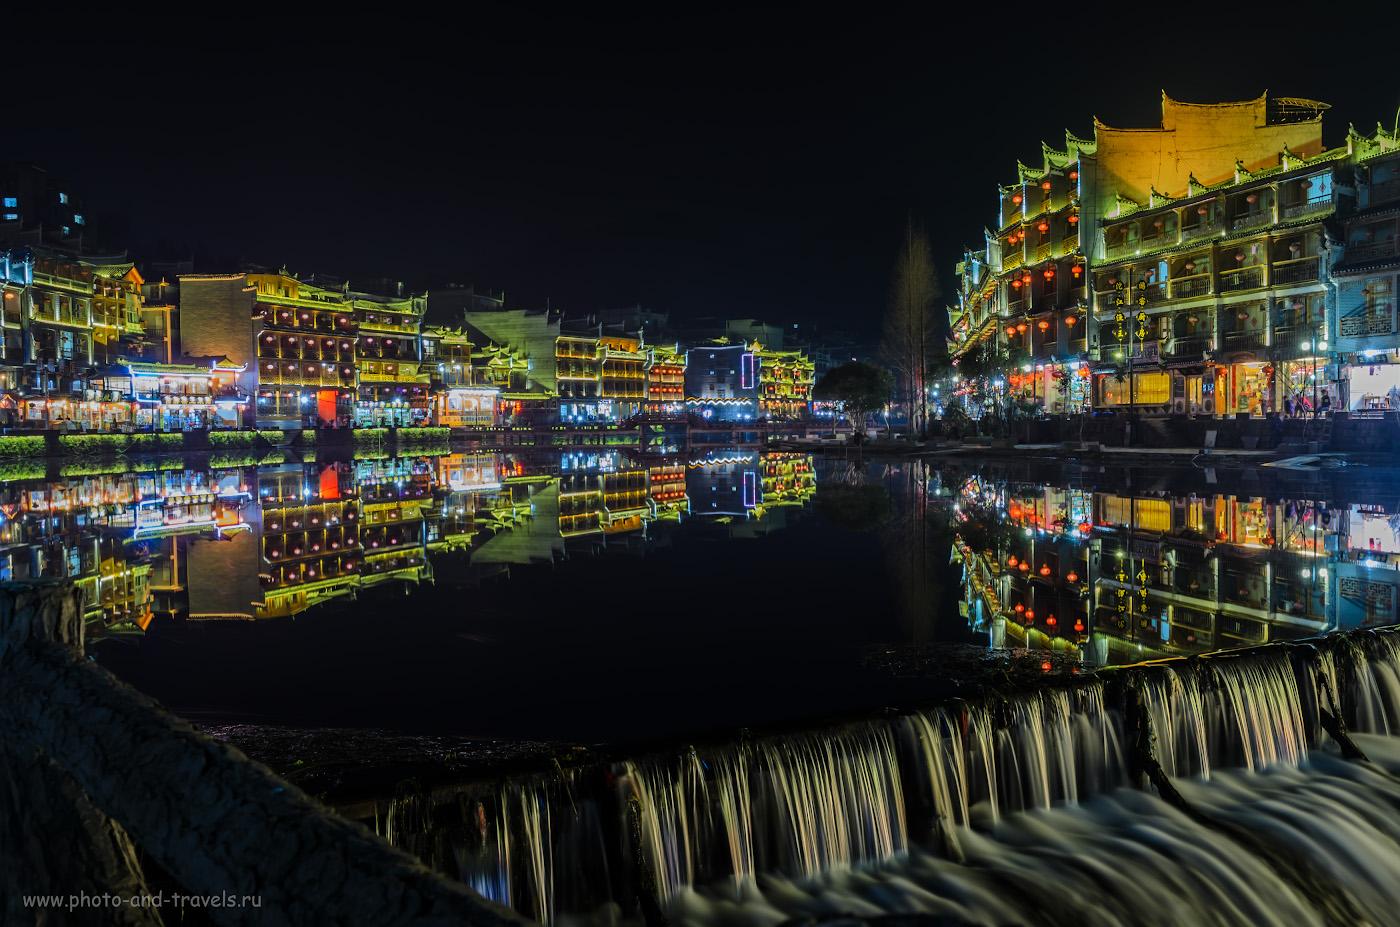 Фото 12. Вечерний город Фэнхуан. Таким мы увидели его, когда приехали из Чжанцзяцзе. Отчет о самостоятельном экскурсионном туре в Китай. 15, 10.0, 100, 24.